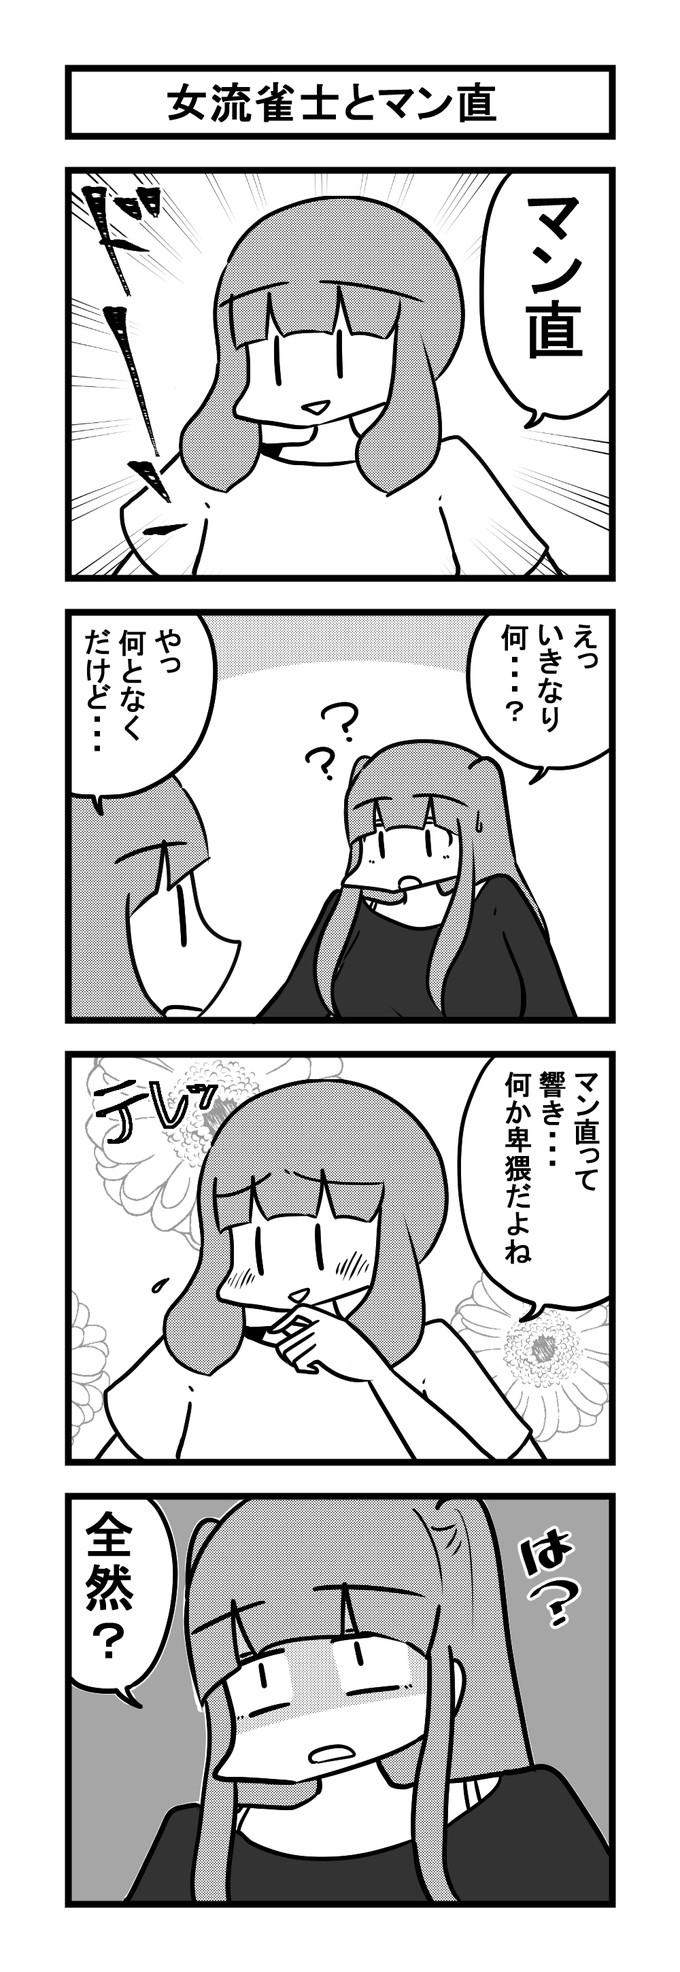 1038女流雀士とマン直-min